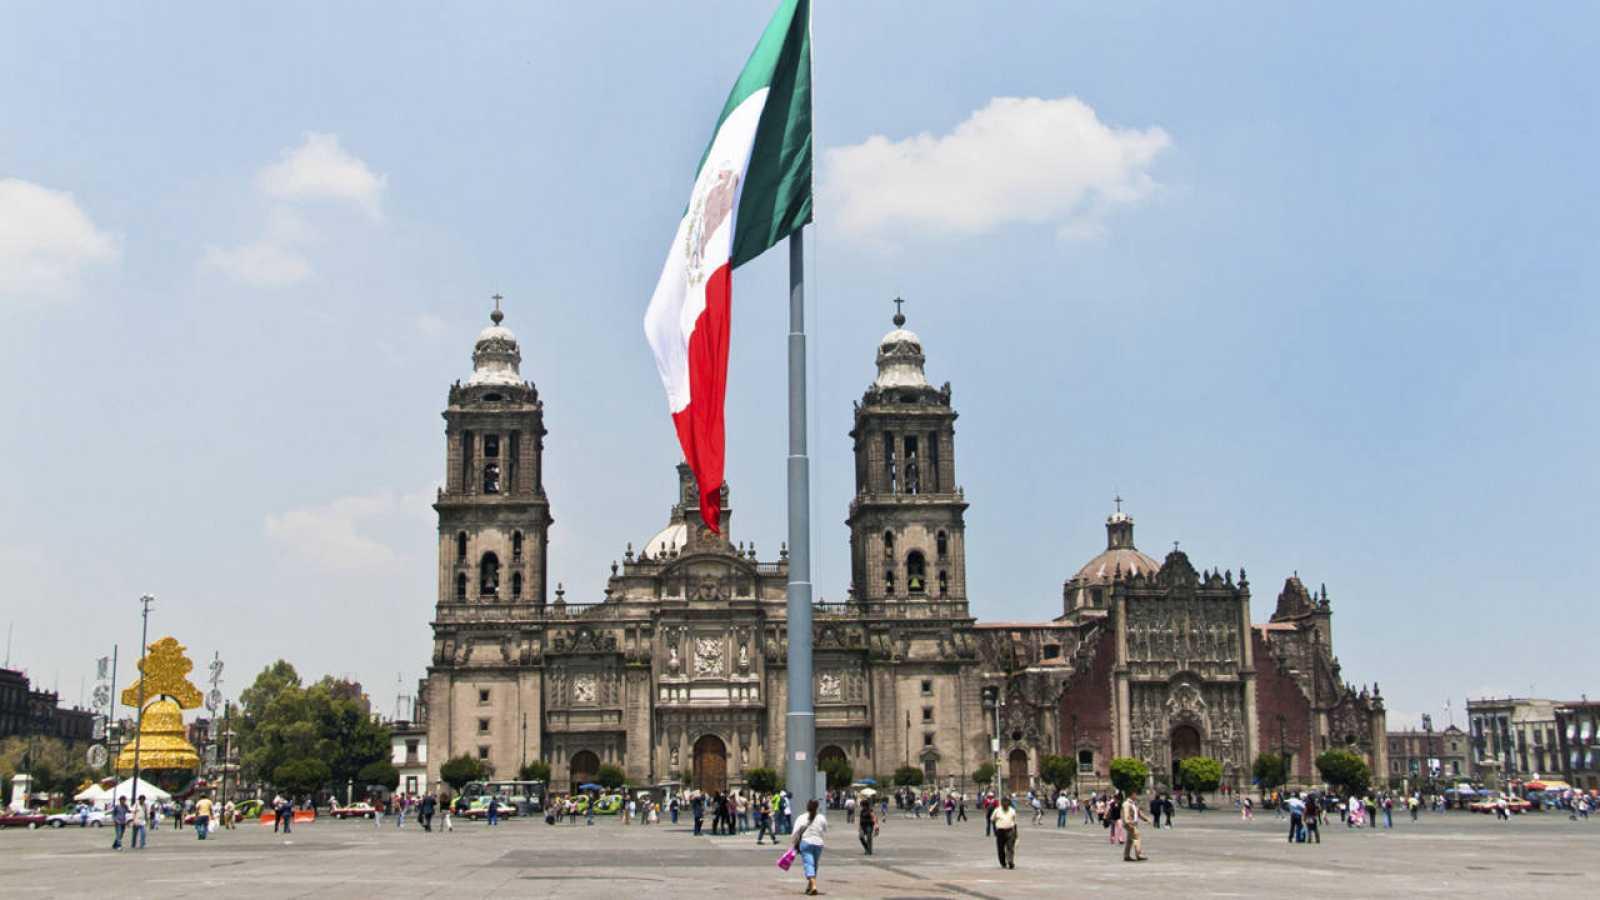 La Plaza de la Constitución de la Ciudad de México, popularmente conocida como El Zócalo